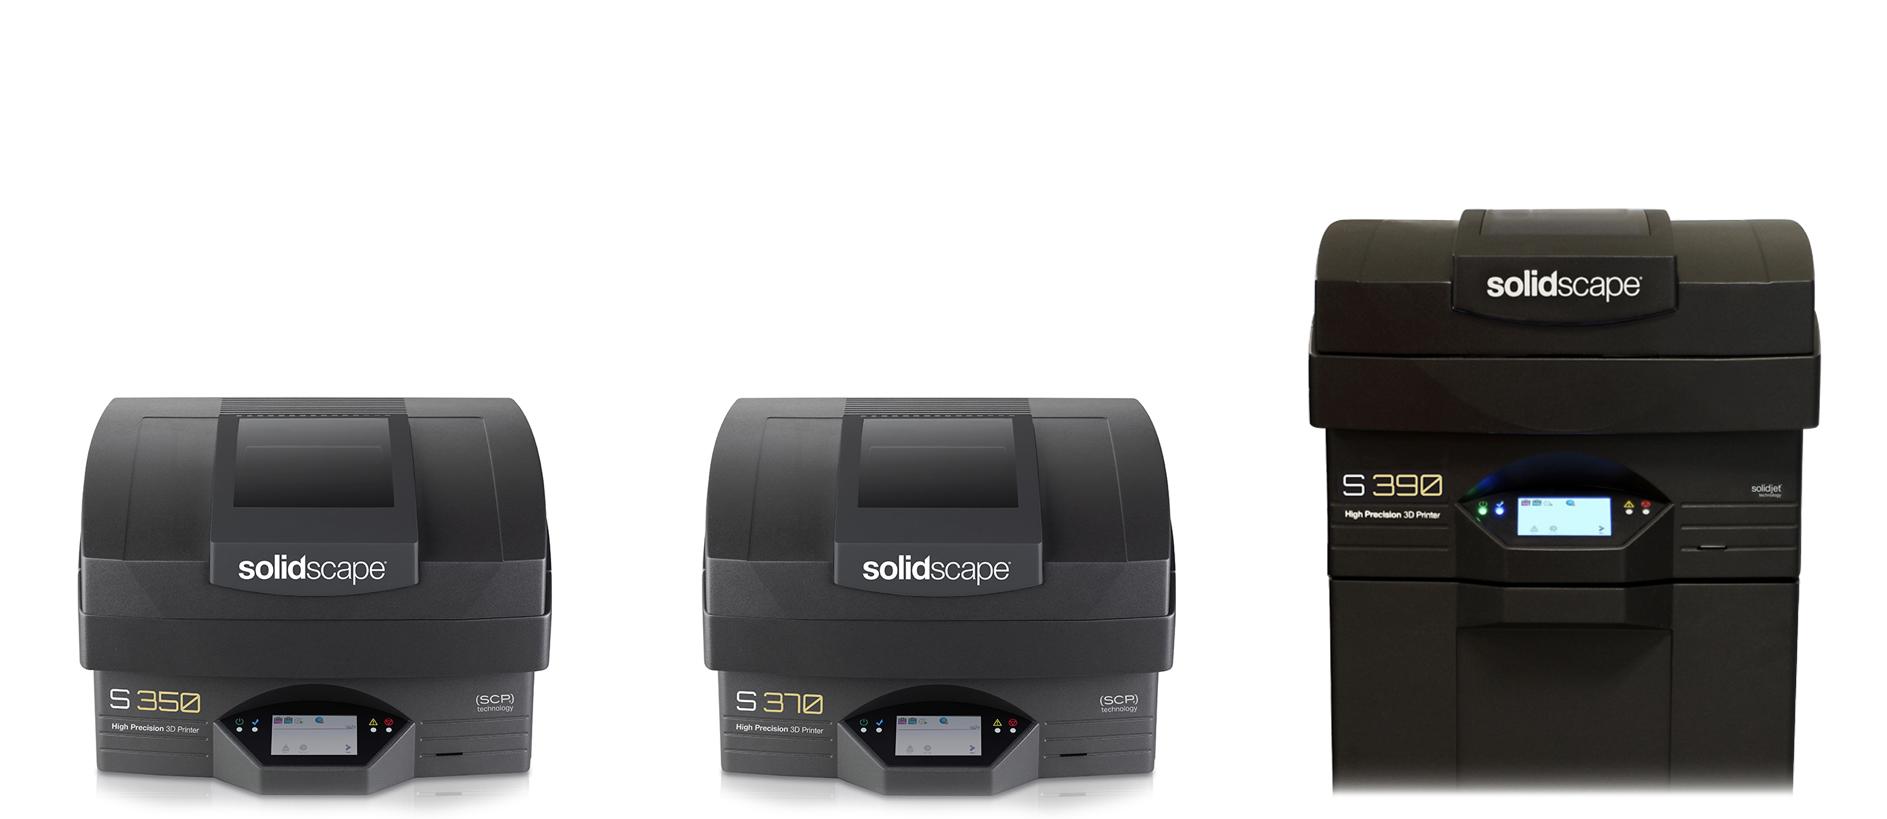 Solidscape S300 serija profesionalnih 3D pisača za draguljare, izvor: Solidscape